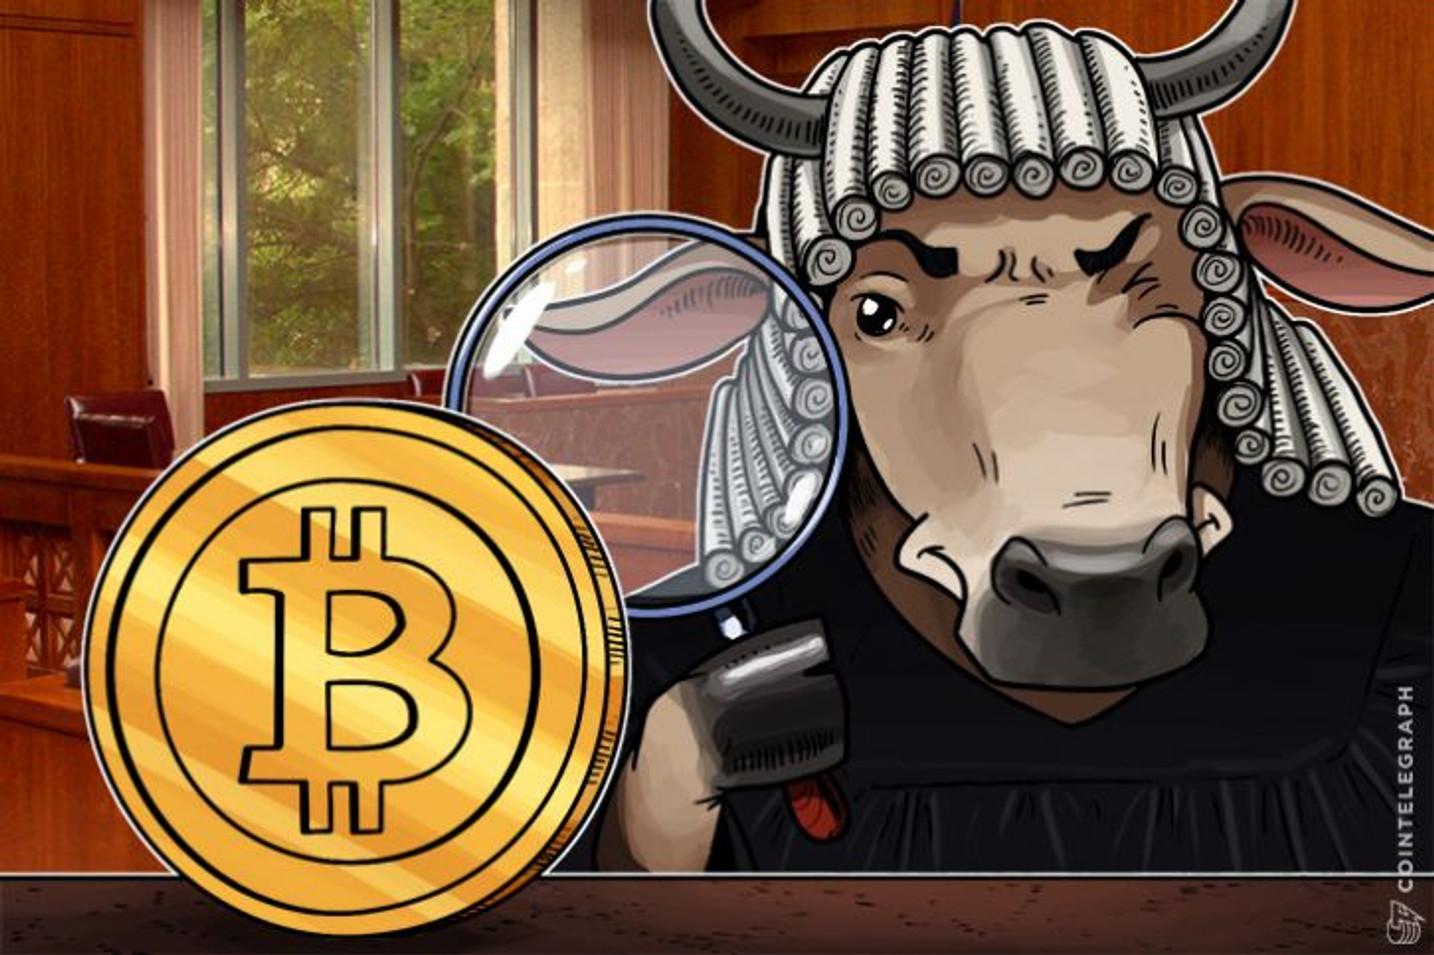 """El Bitcoin sin monitoreo, """"no será legal"""" en la India, dijo economista jefe"""